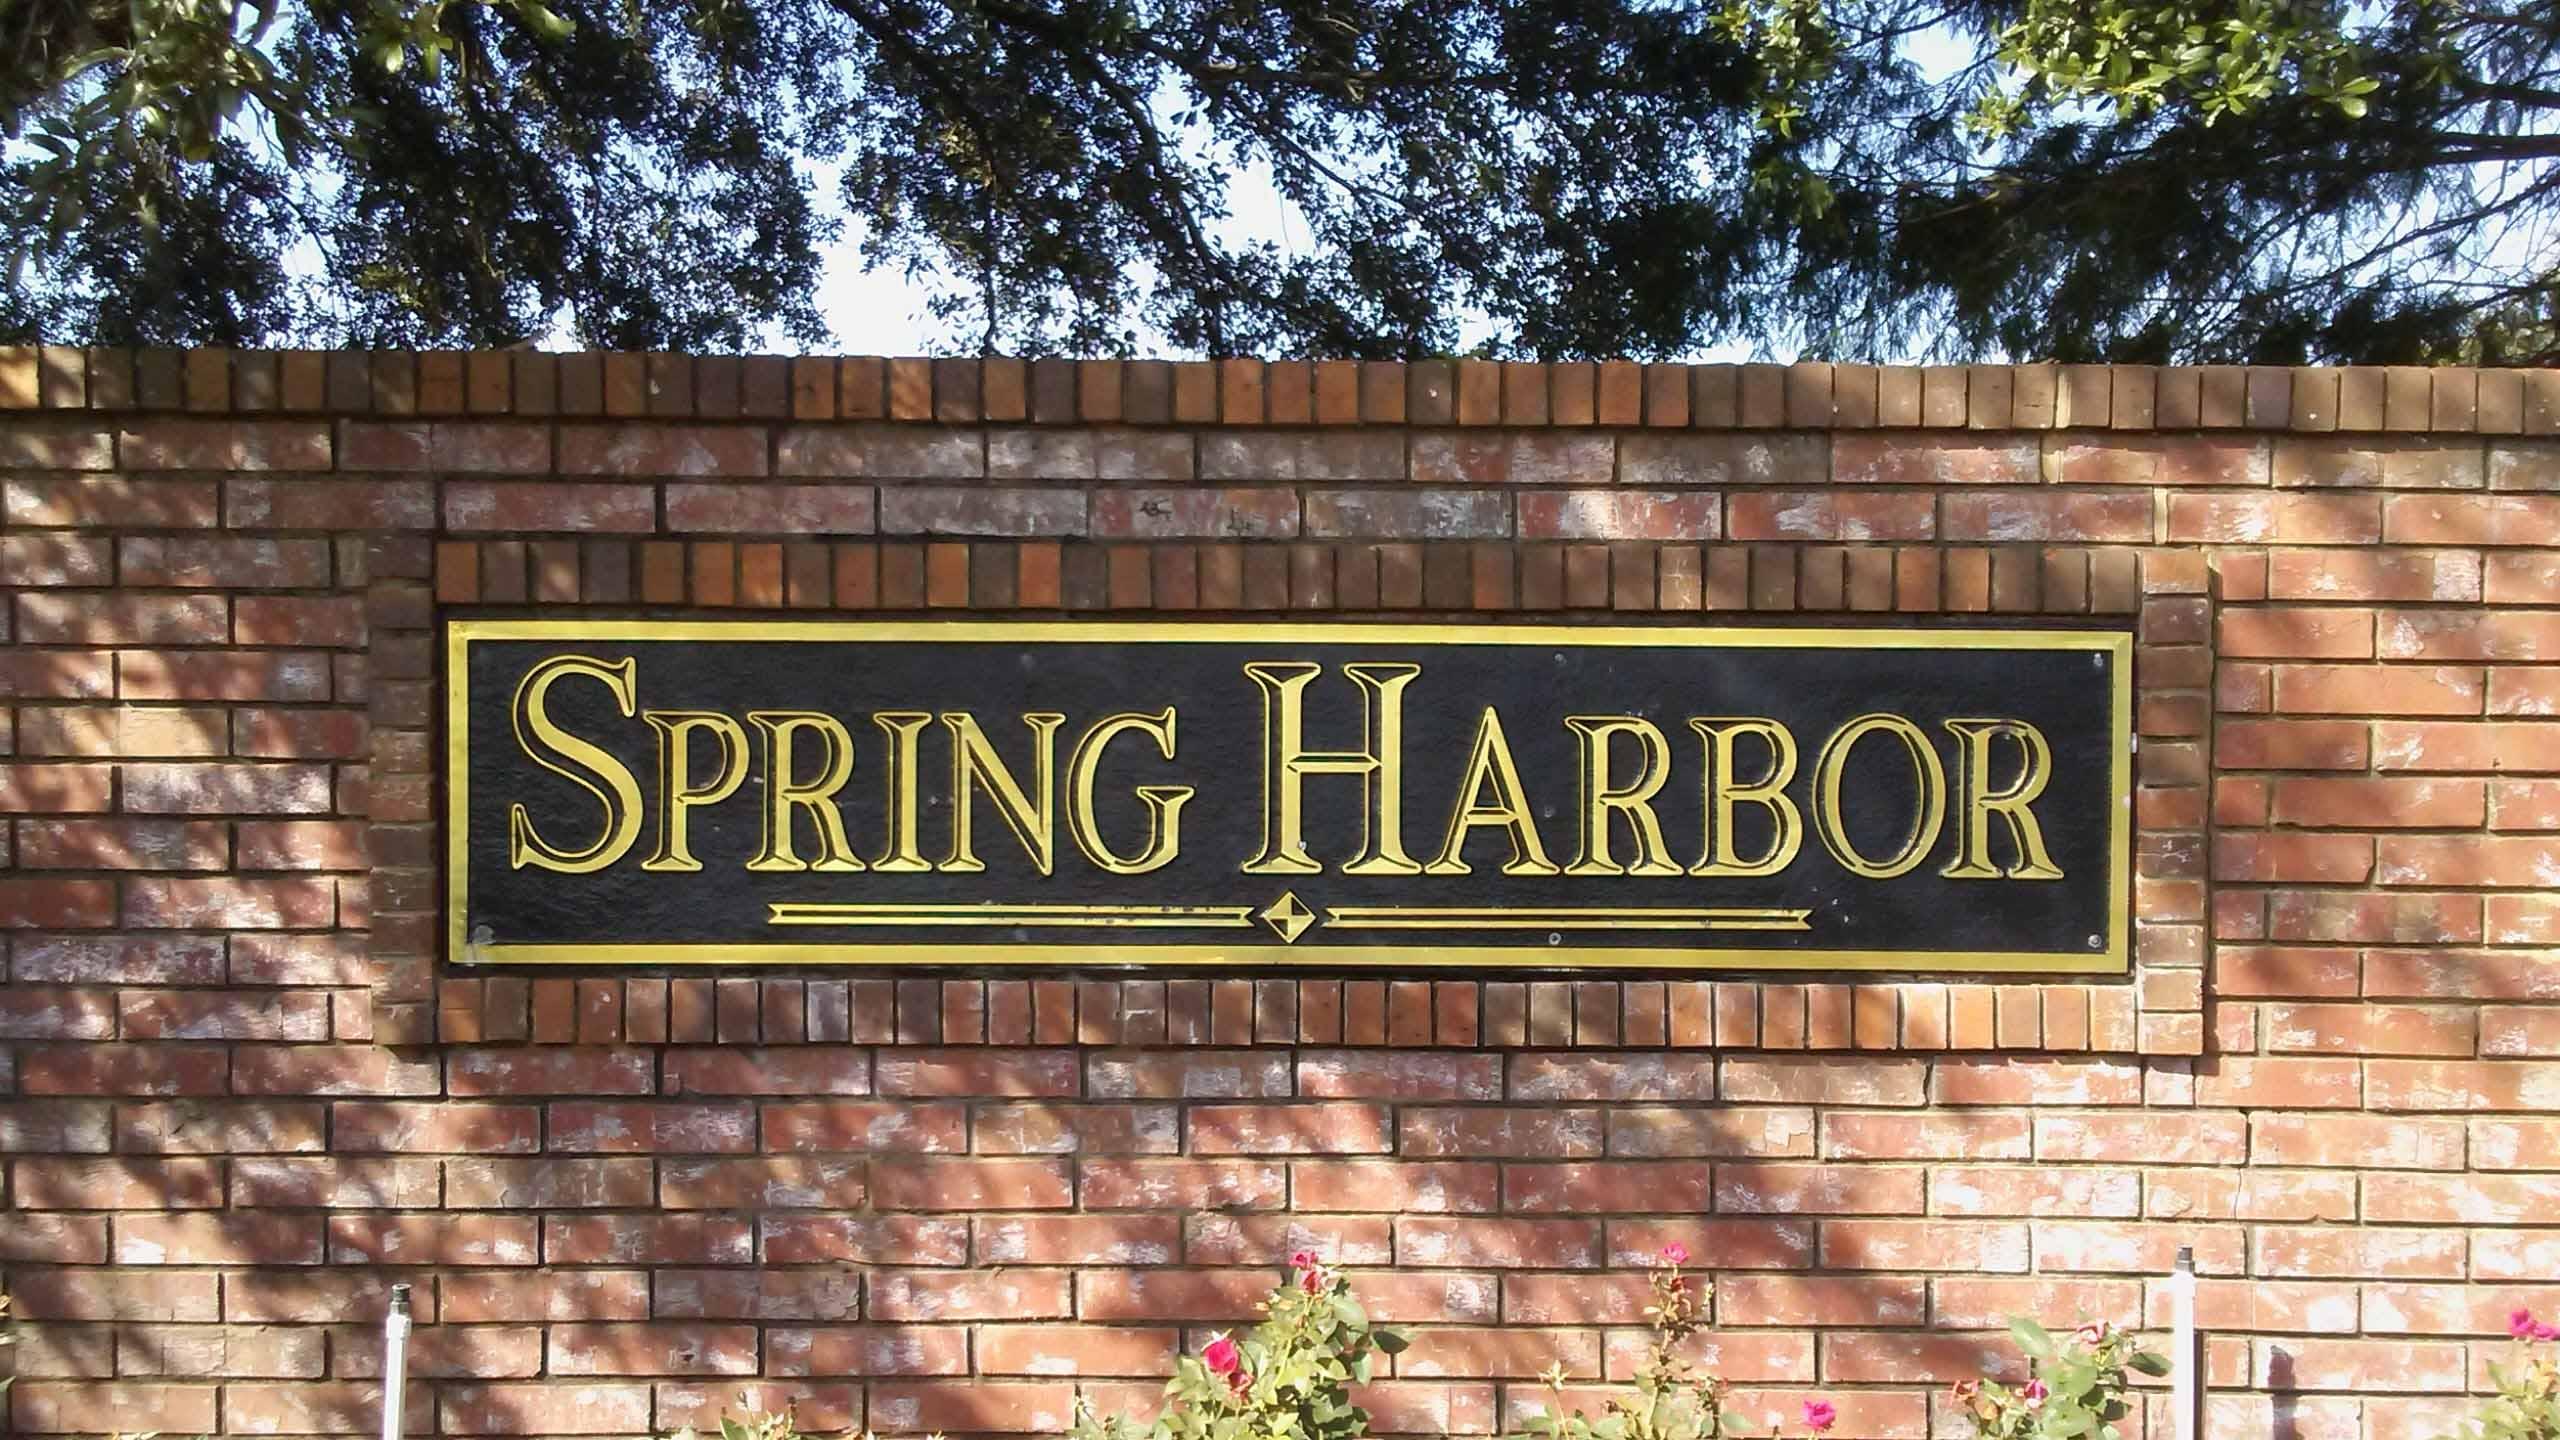 Spring Harbor, Apopka, Florida 32712